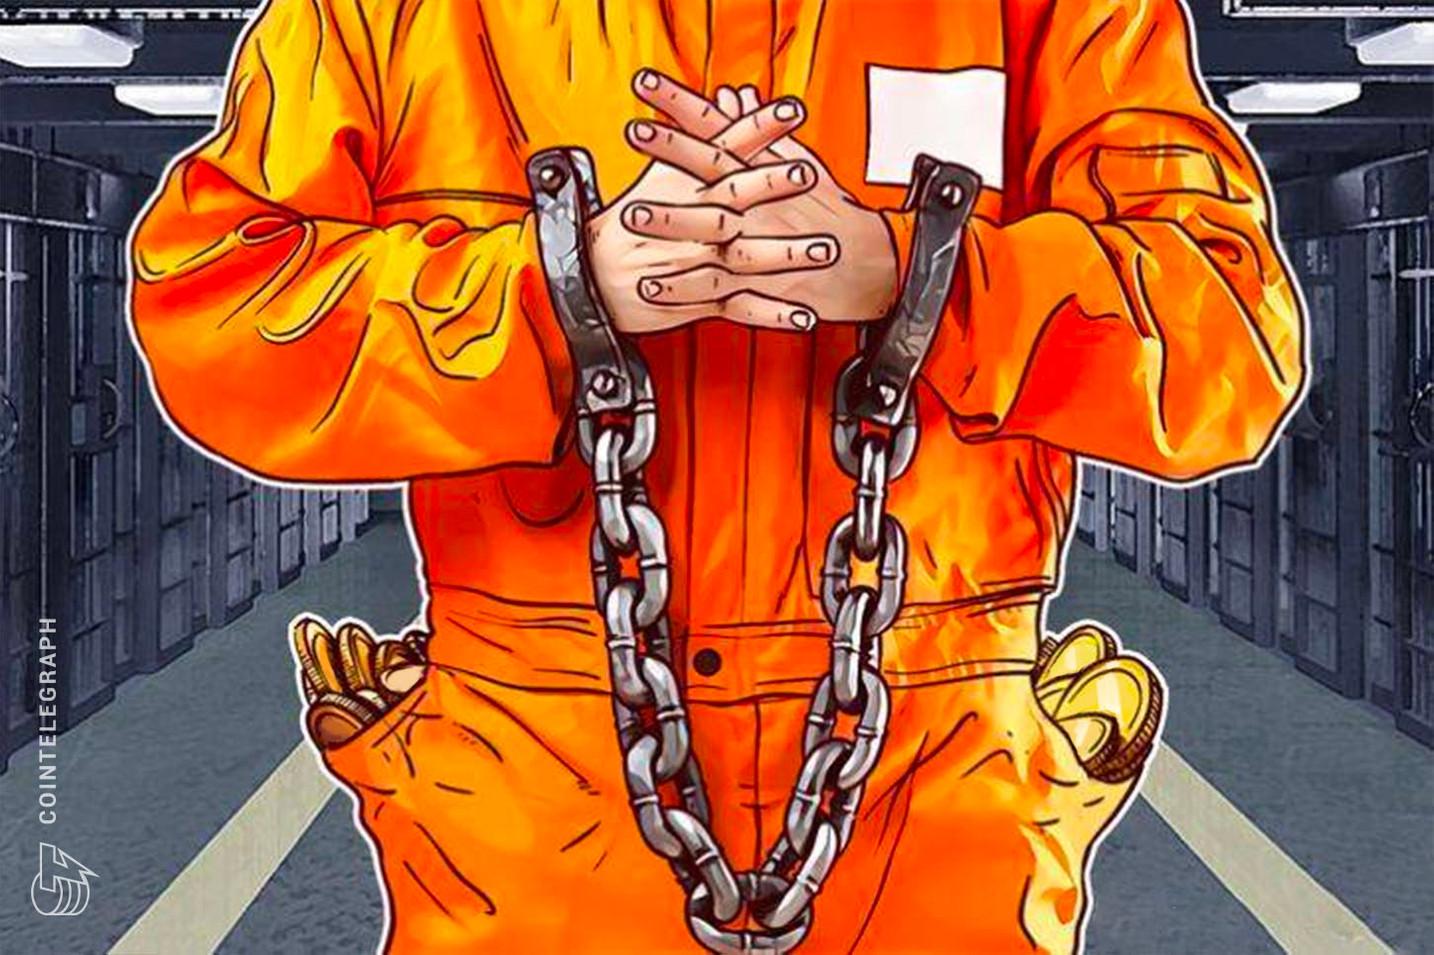 Betreiber der ehemaligen Kryptobörse BitFunder zu 14 Monaten Haft verurteilt